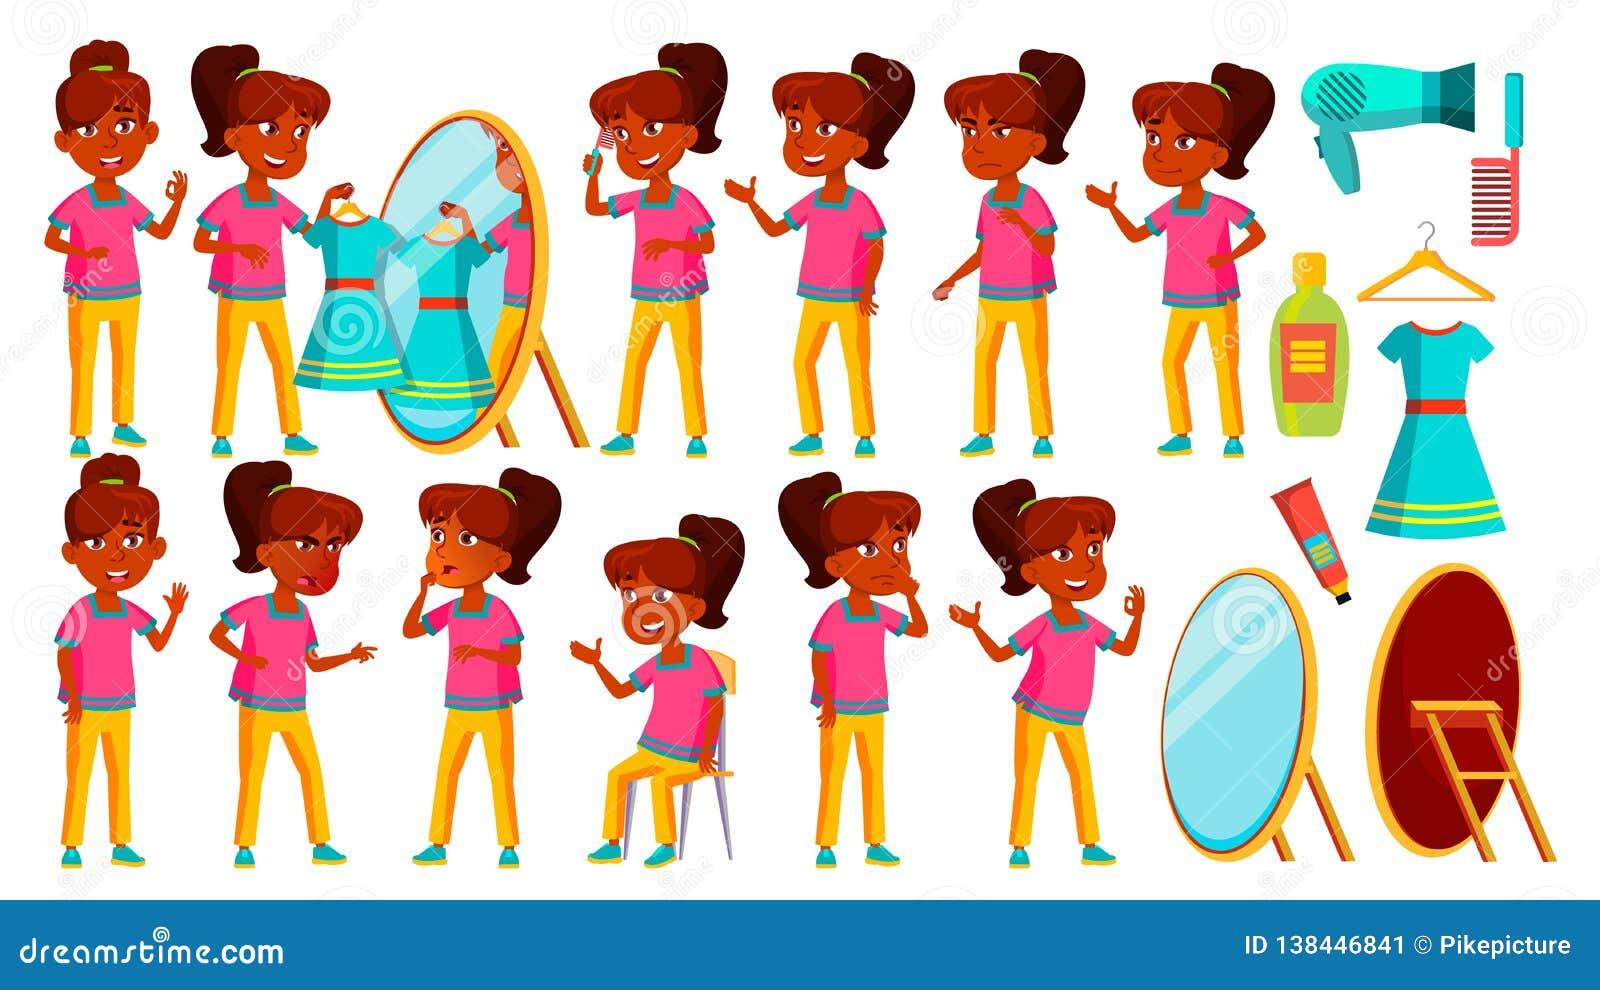 Ινδικό καθορισμένο διάνυσμα κοριτσιών Παιδί Τα παιδιά μελετούν Η γνώση, μαθαίνει, μάθημα Για την παρουσίαση, τυπωμένη ύλη, σχέδιο